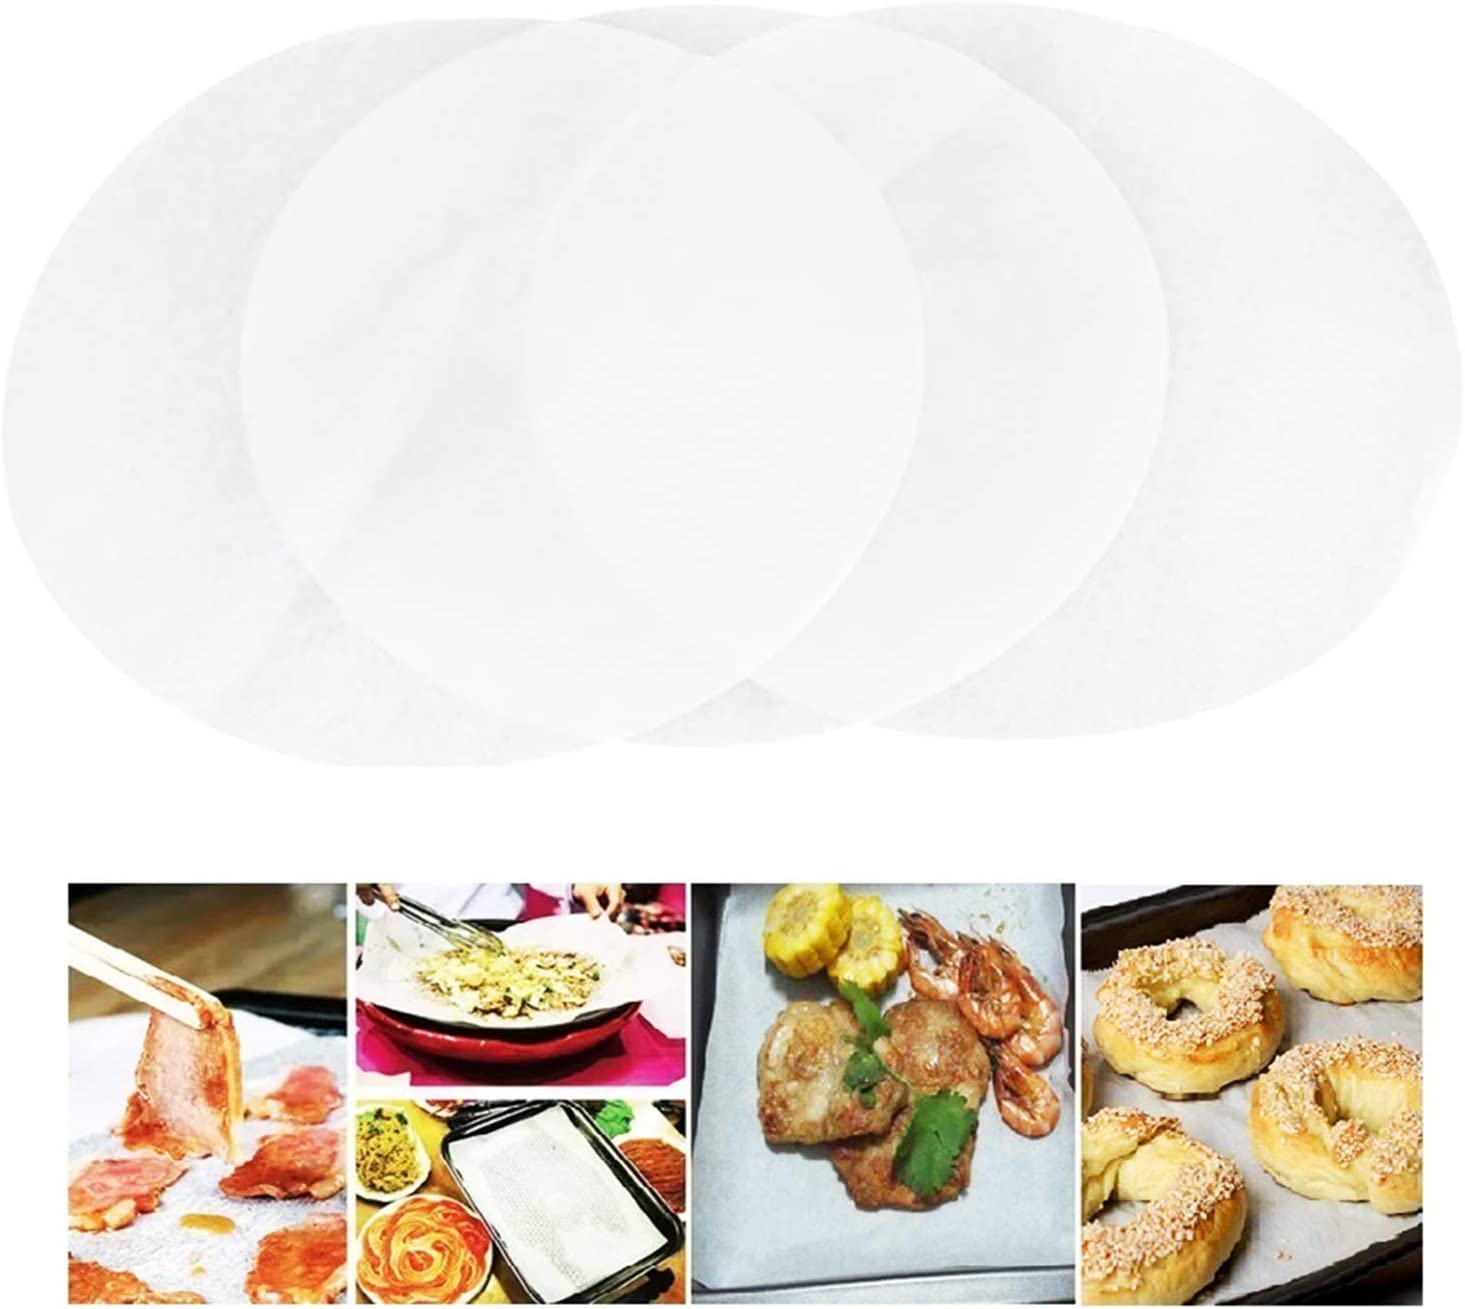 Papel de pergamino antiadherente rollo de papel seguro papel de hornear alfombrillas de cocina taza de cocina 30cm X 5m bandeja para hornear pizzas papel a prueba de grasa galletas